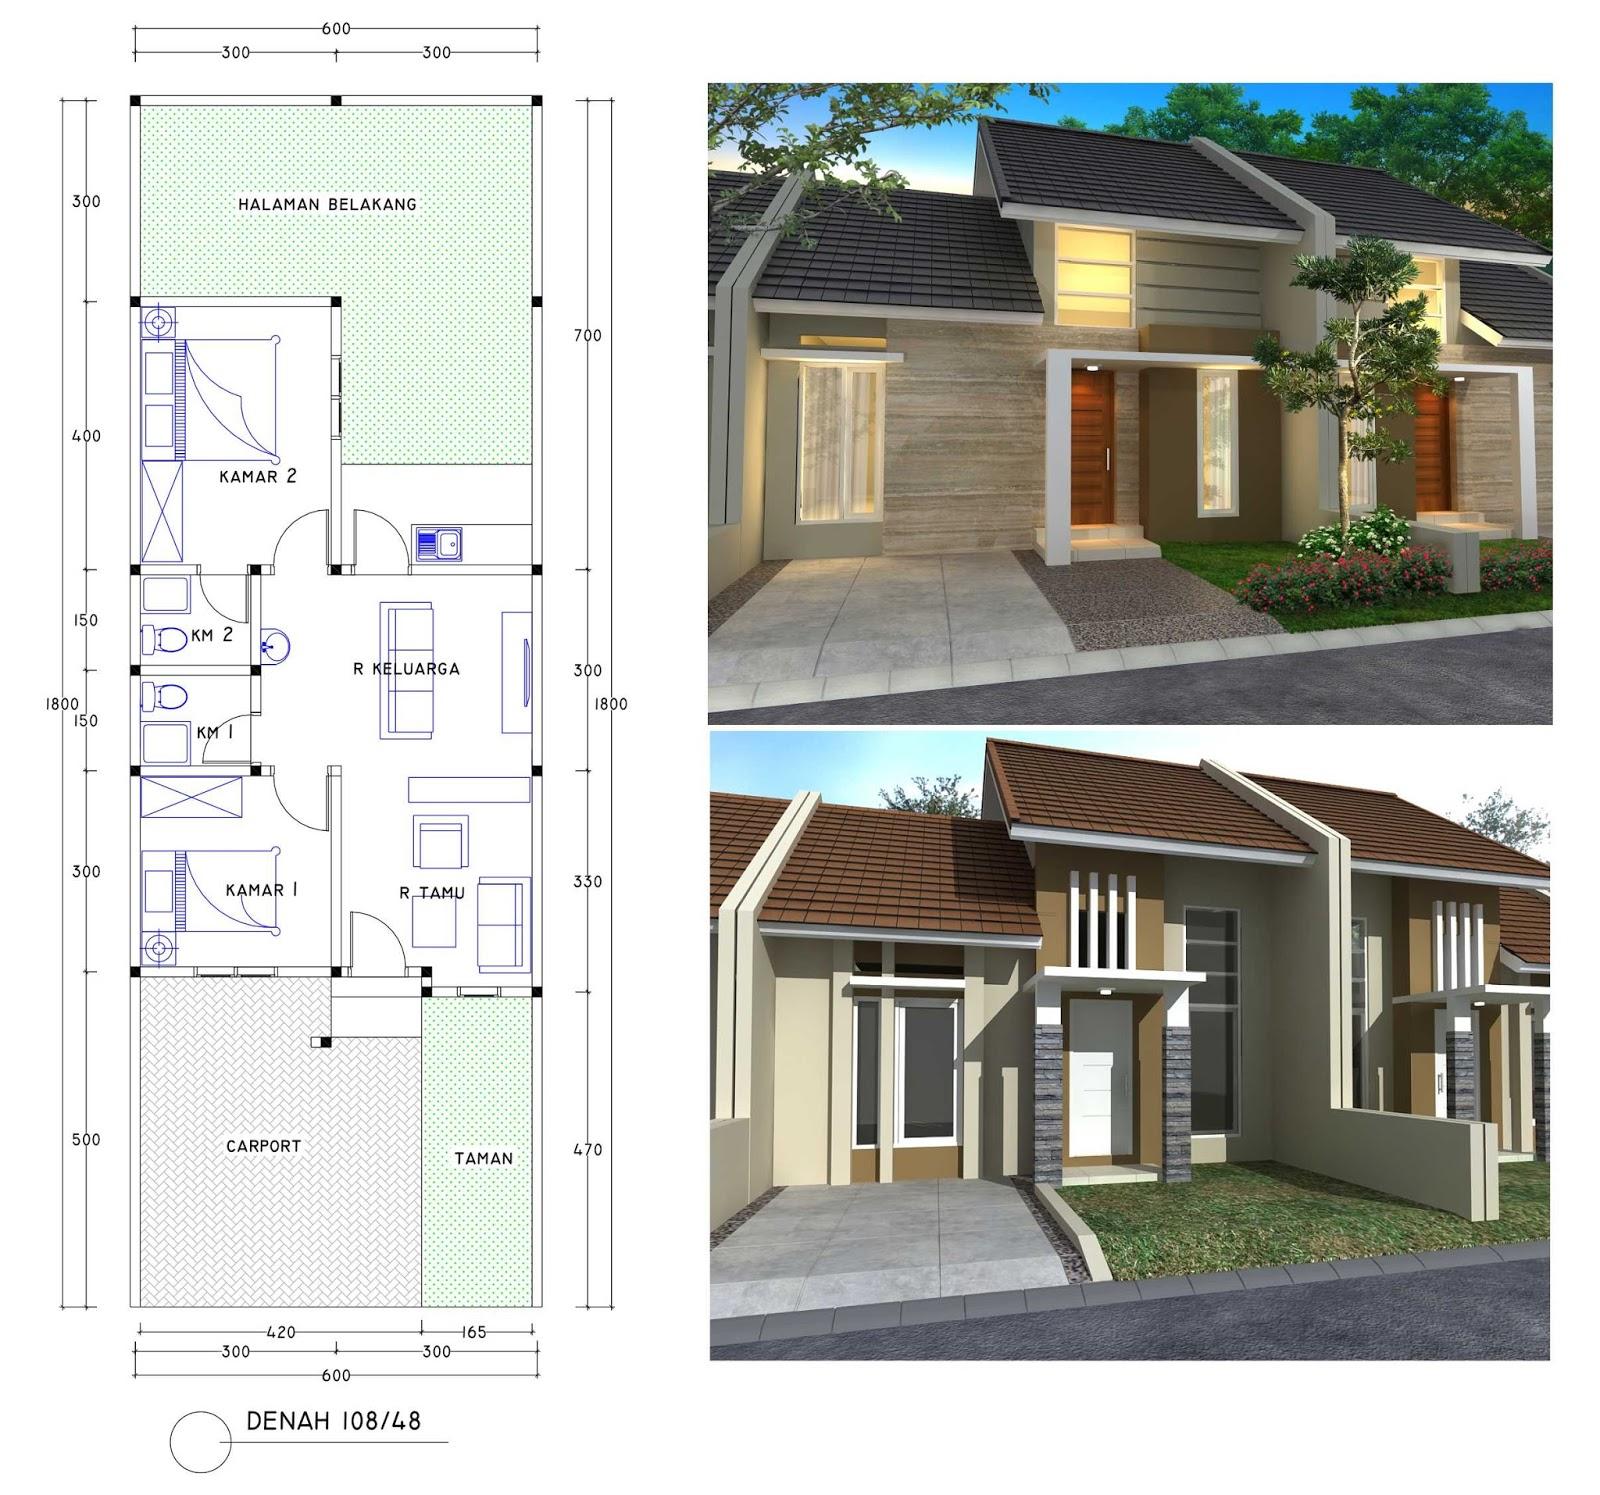 70 Desain Rumah Minimalis Lebar 5 Meter Desain Rumah